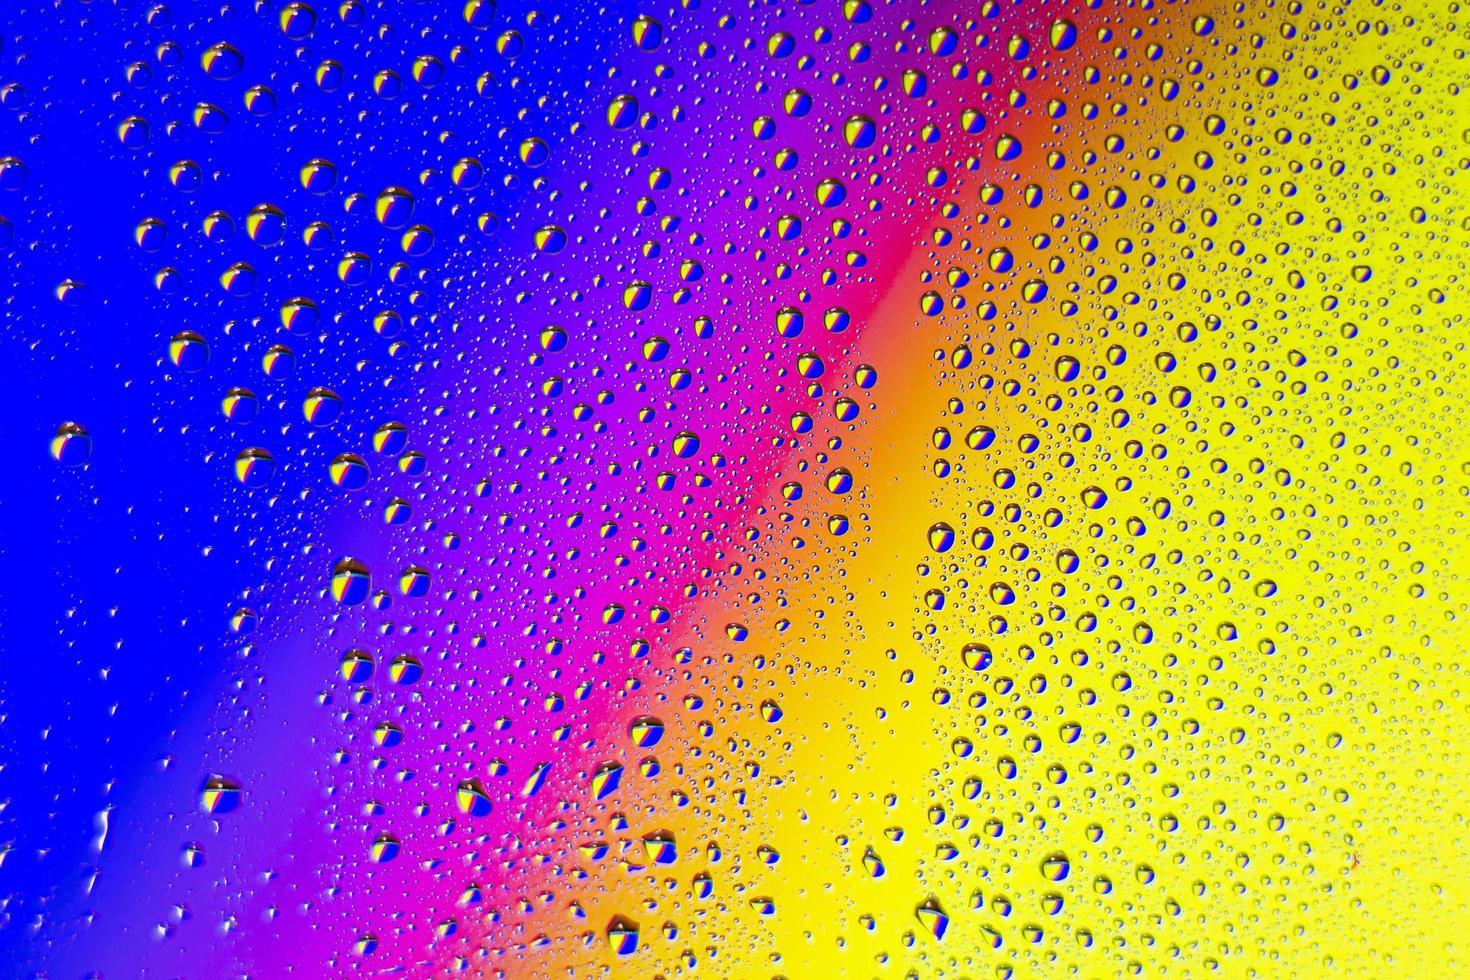 sfondo arcobaleno con gocce di pioggia foto